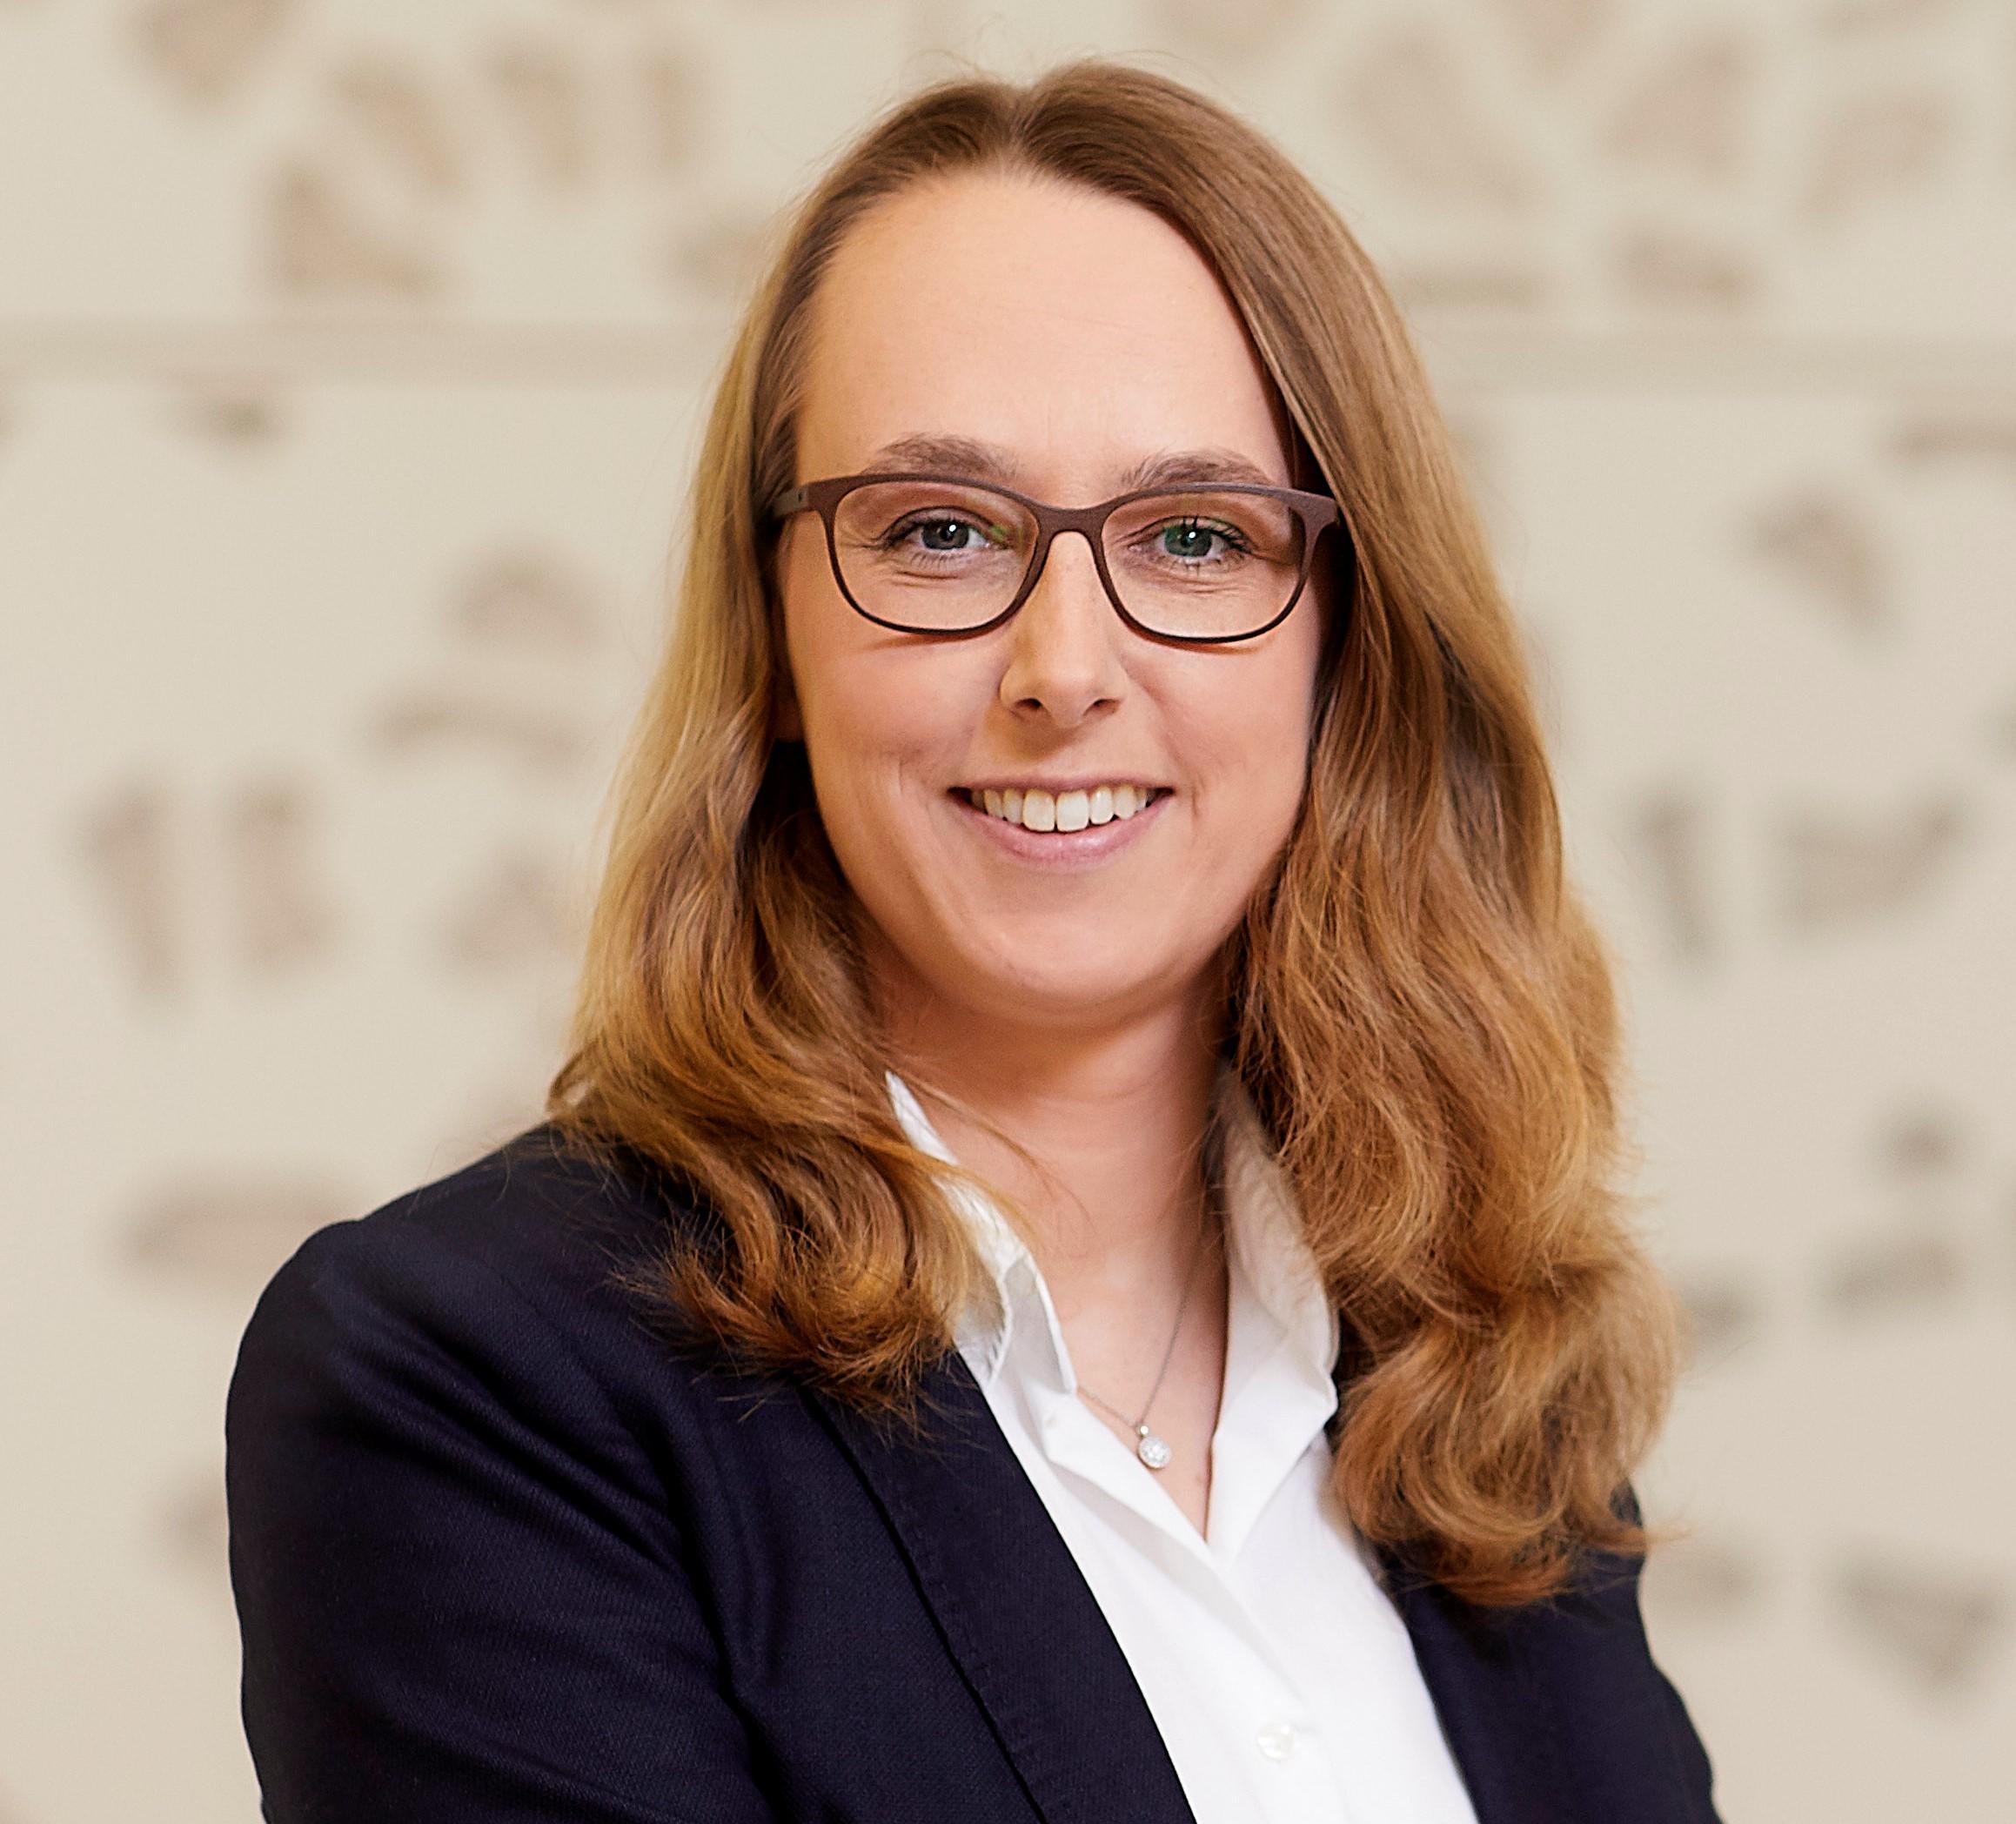 Anna-Lena Sachs